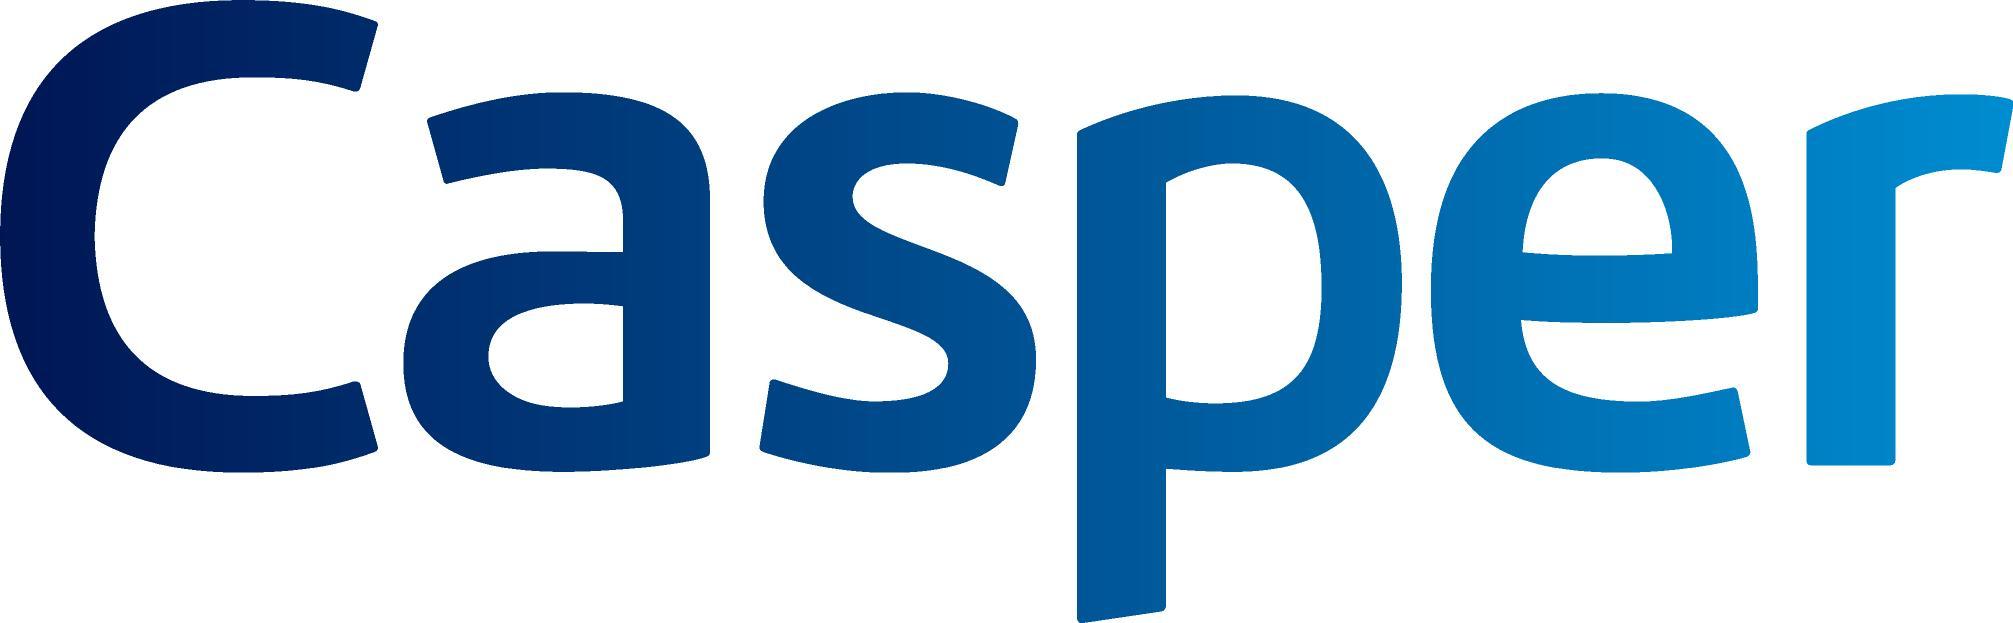 casper-logo